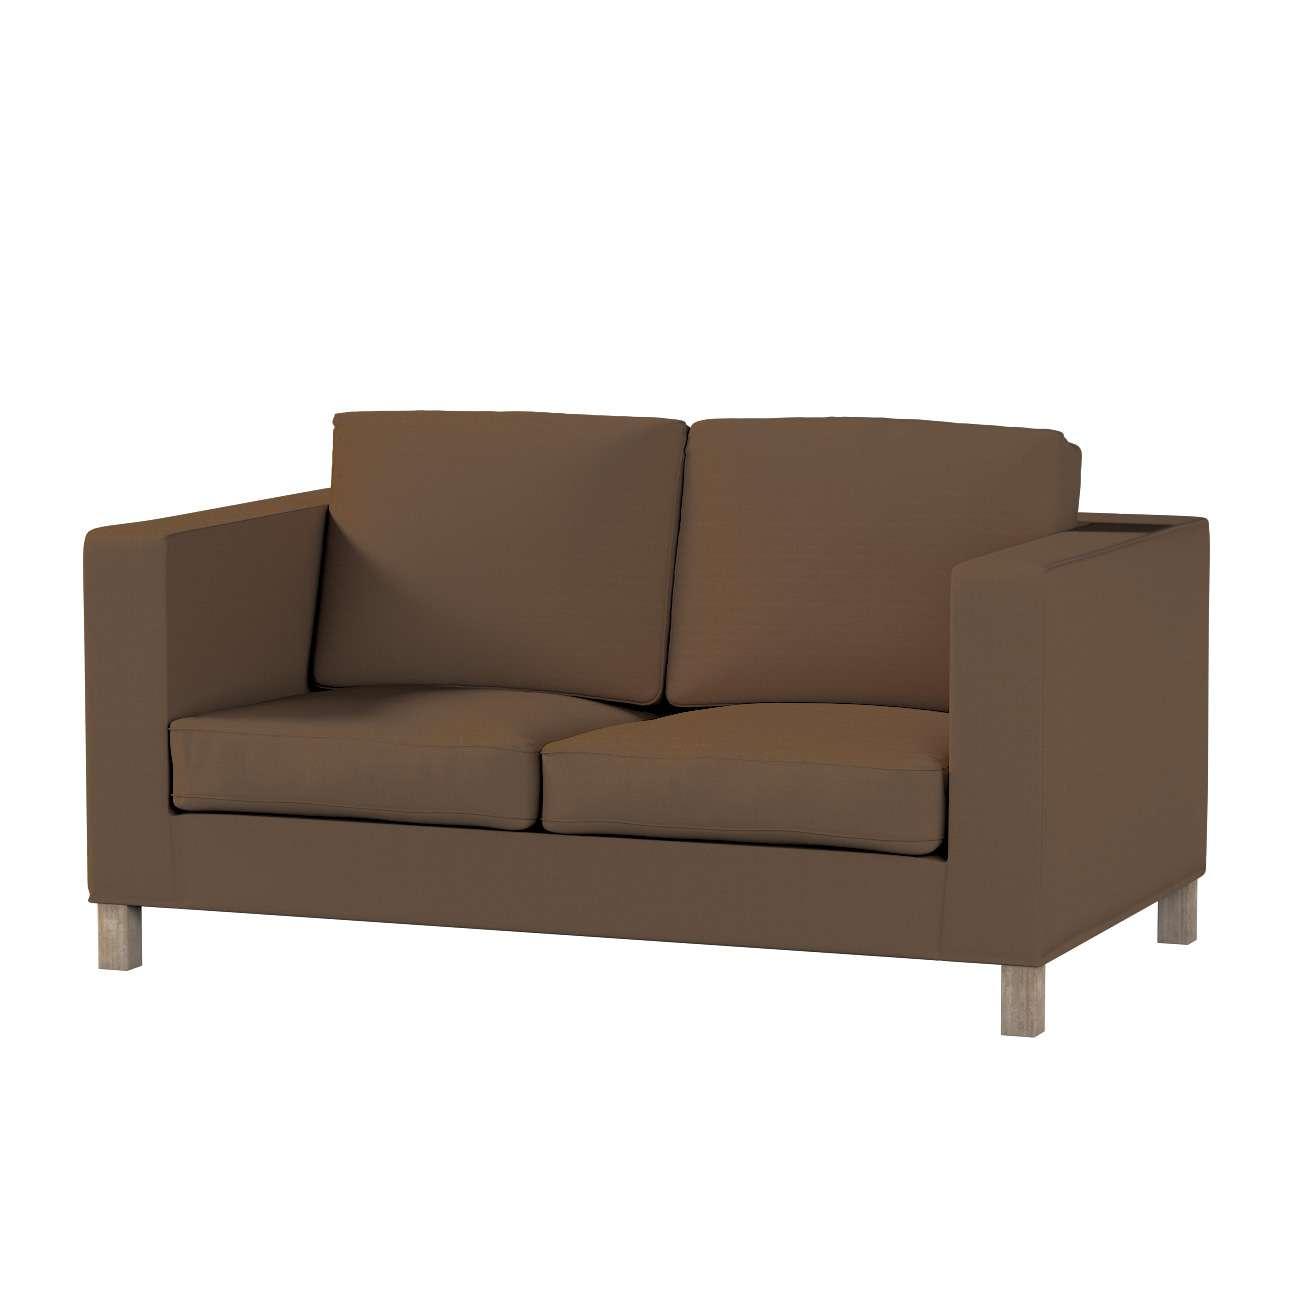 karlanda 2 sitzer sofabezug nicht ausklappbar kurz mocca dekoria. Black Bedroom Furniture Sets. Home Design Ideas